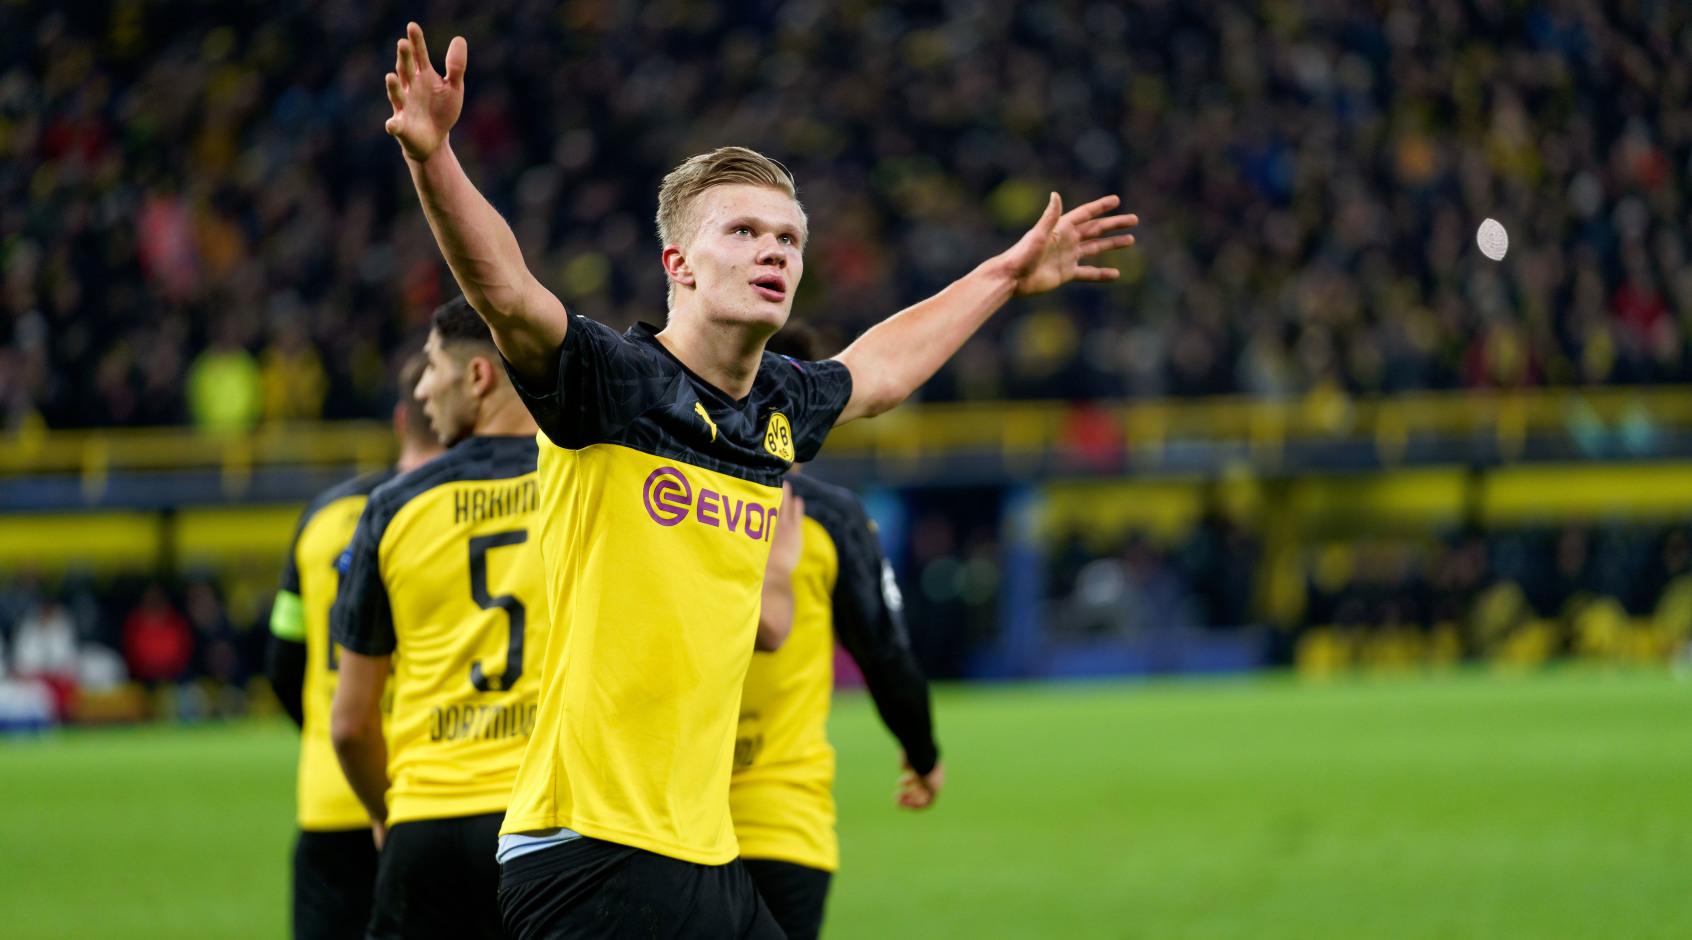 Холанд - первый игрок младше 21 года, забивший более 40 голов в топ-5 лигах Европы с 1997 года